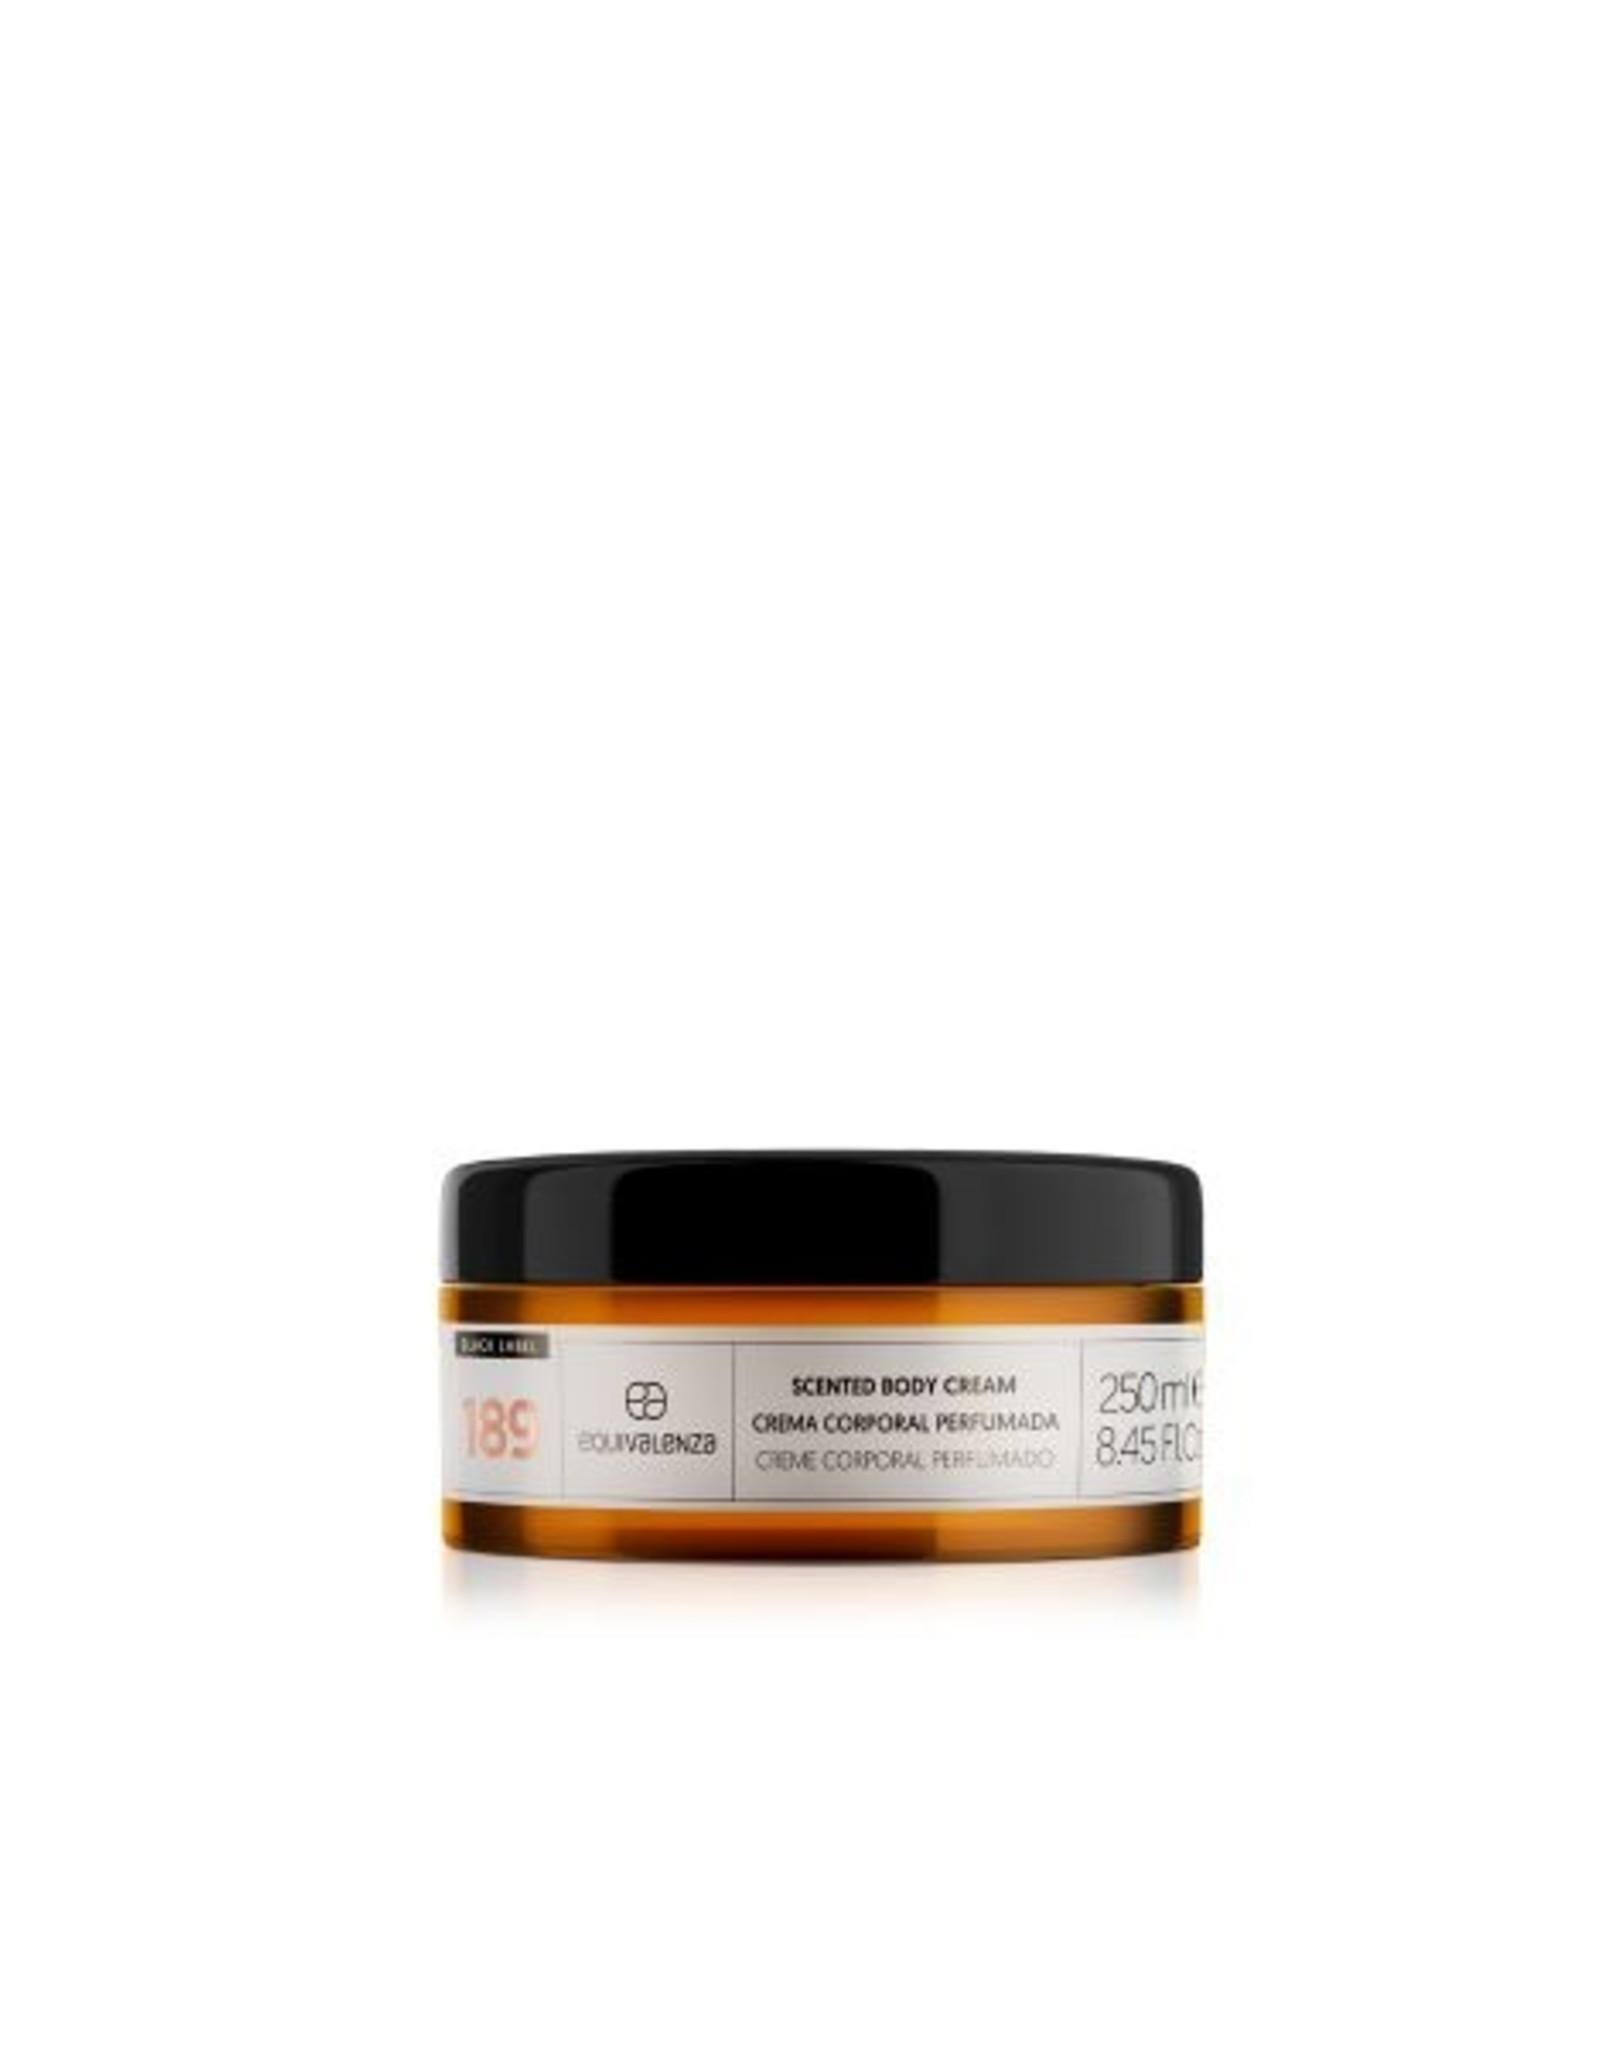 Equivalenza Black Label Body Cream 189